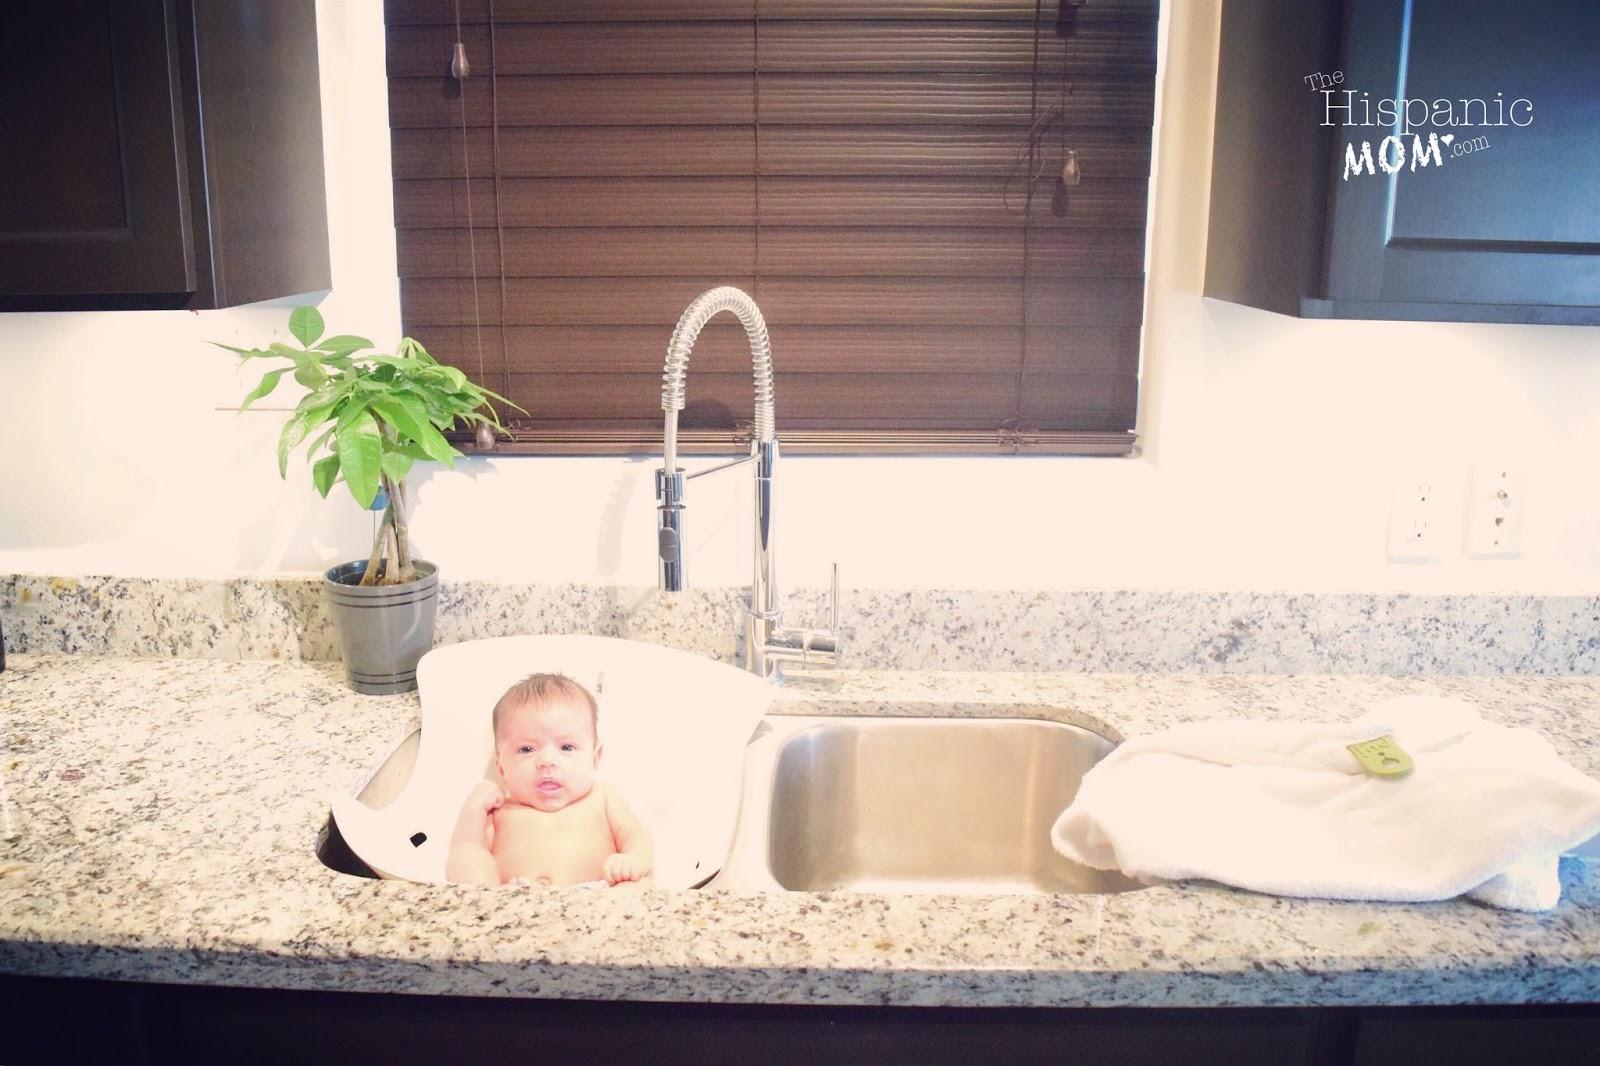 The Hispanic Mom: Puj Products Review: The Tub, Hug, Big Hug ...